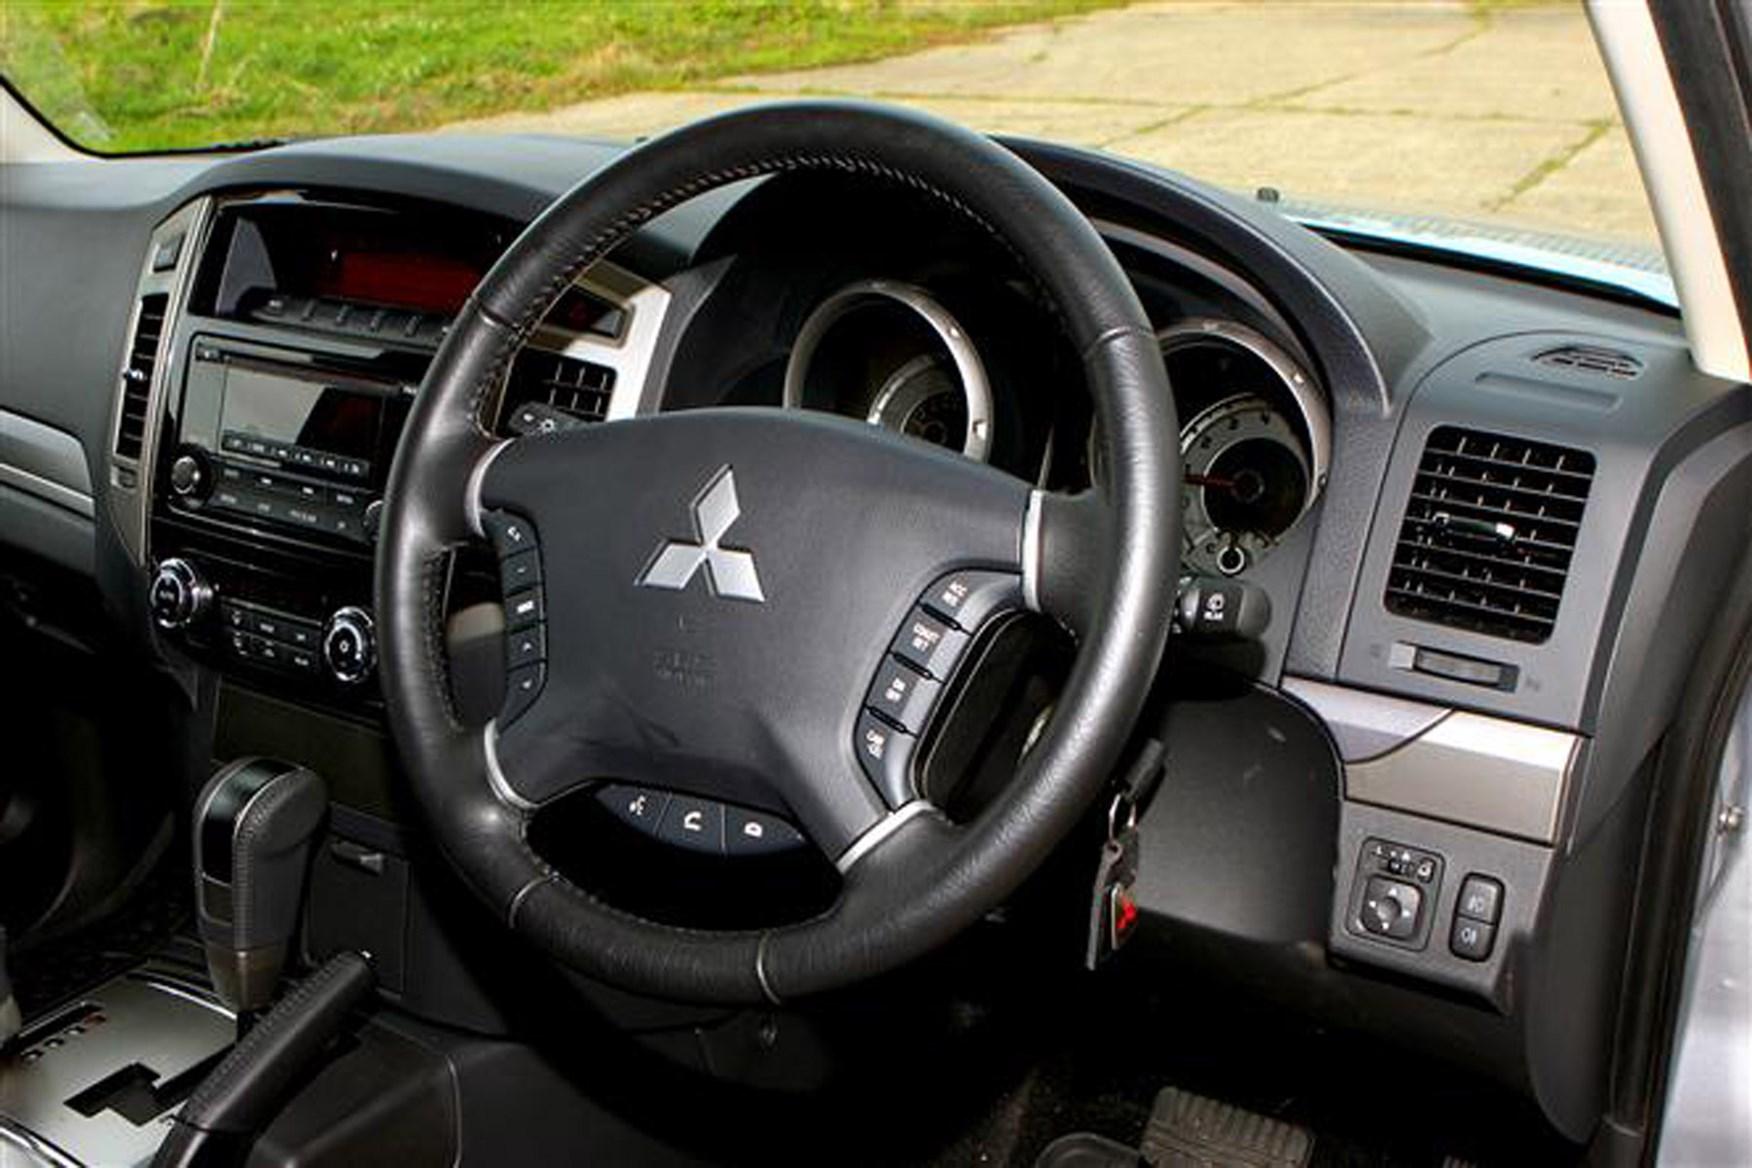 Mitsubishi Shogun pickup review (2007-on) | Parkers